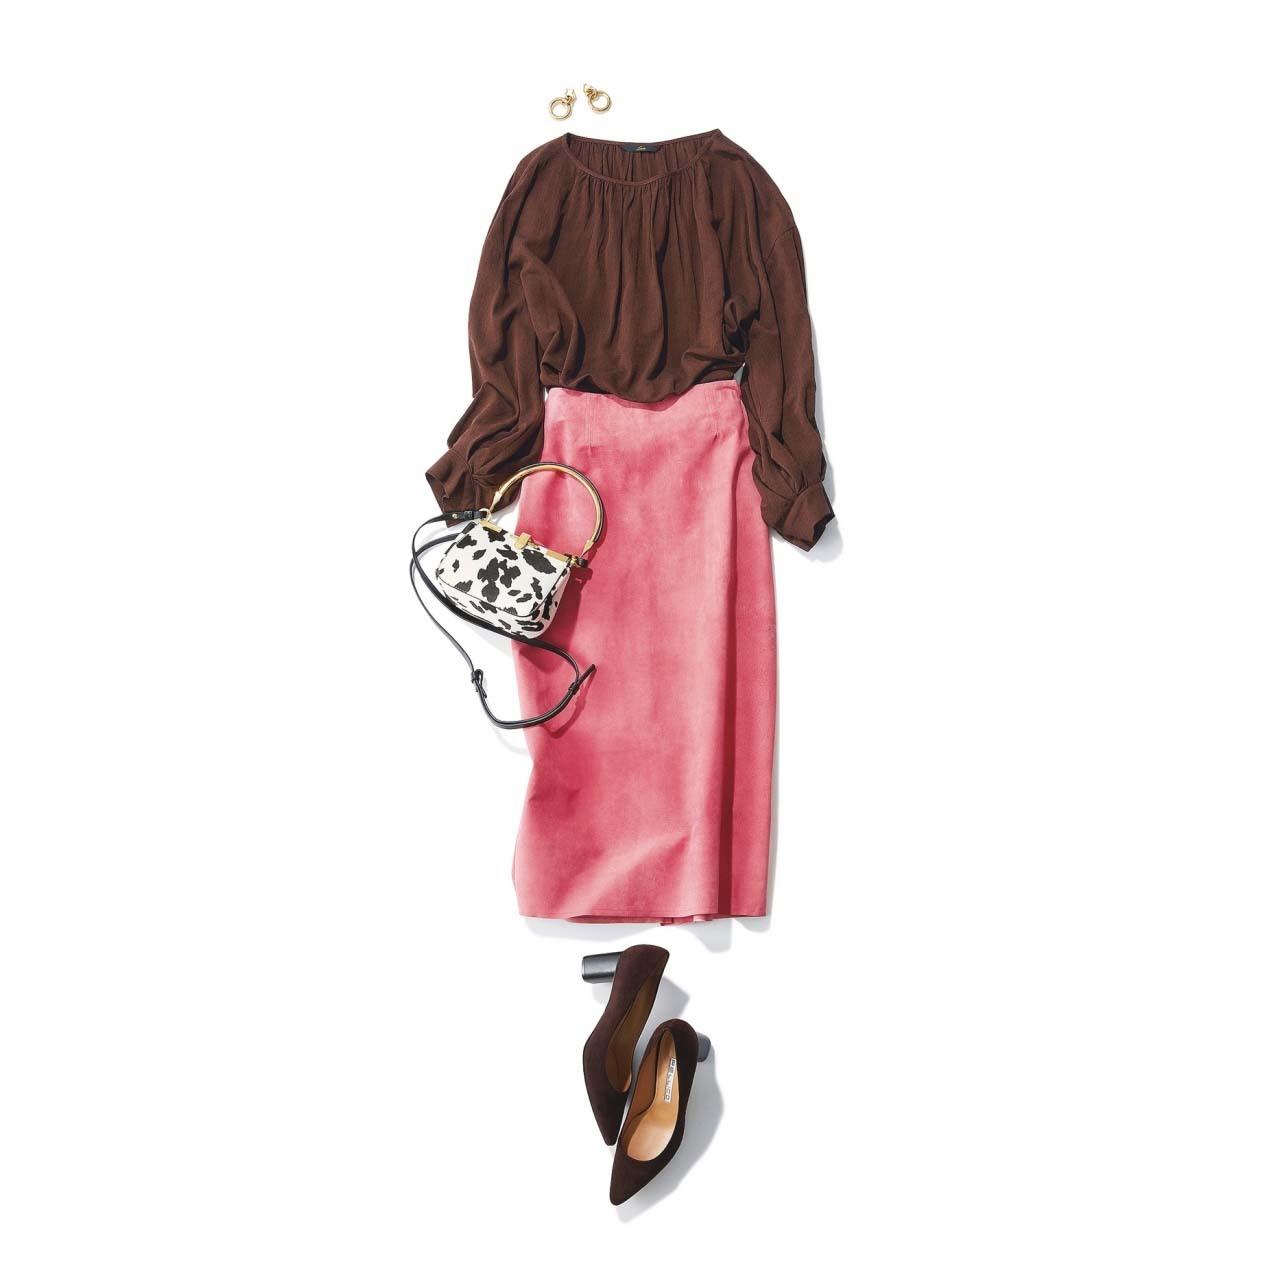 ブラウス×スエードタイトスカートの「スパイス ブラウン」コーデ